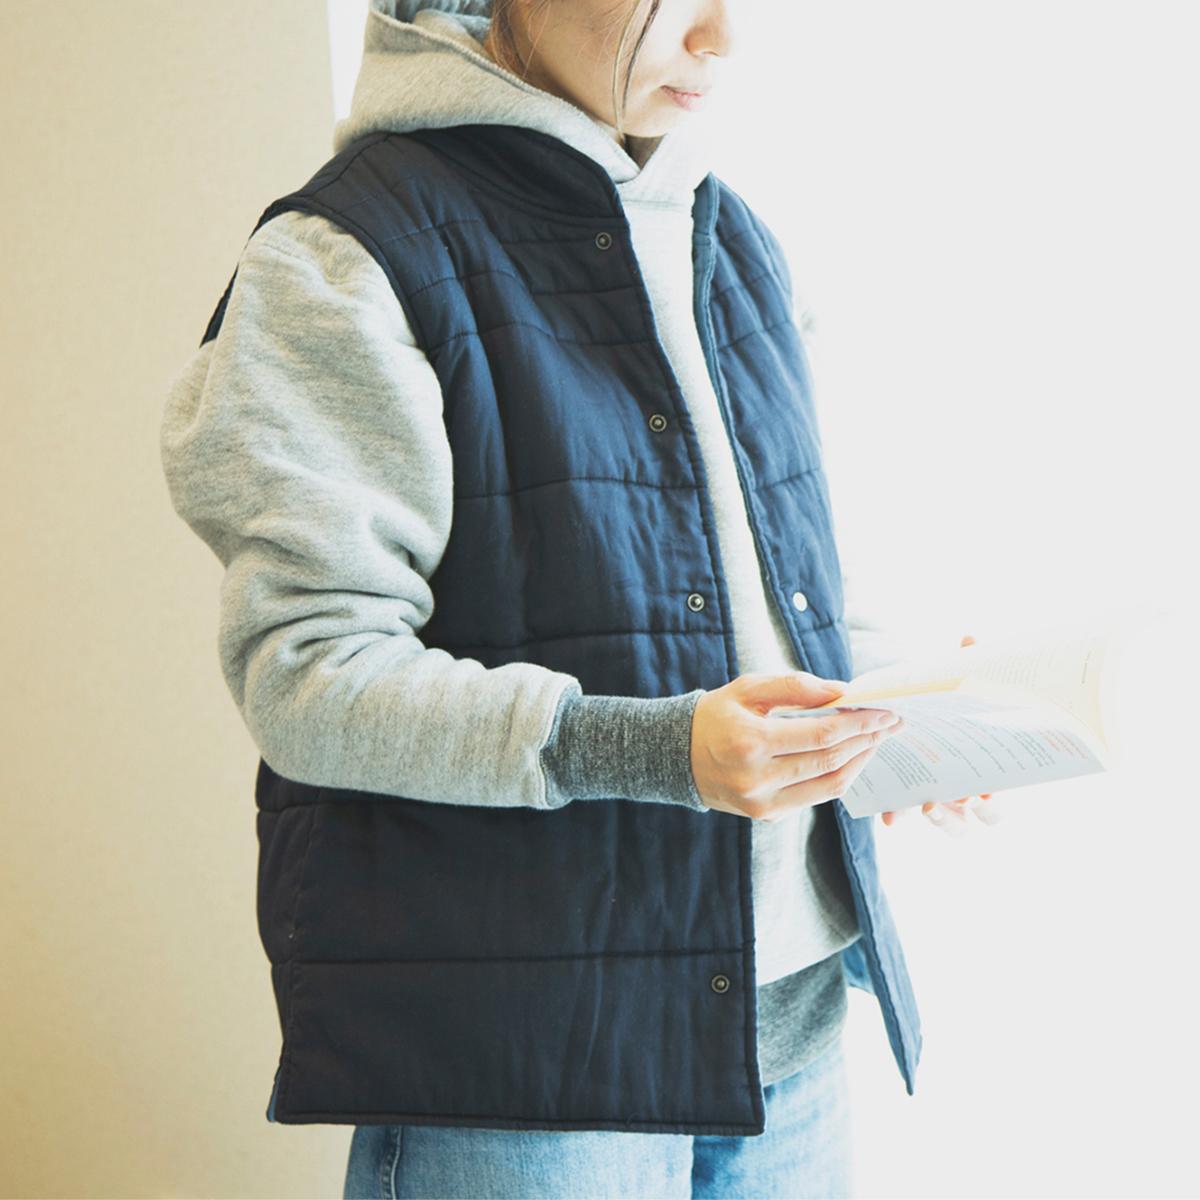 薄手のベストだから、仕事や家事に、腕が動かしやすい。着るだけホッカホカの「中わた入りベスト」(インナーダウン)|IONDOCTOR(イオンドクター)